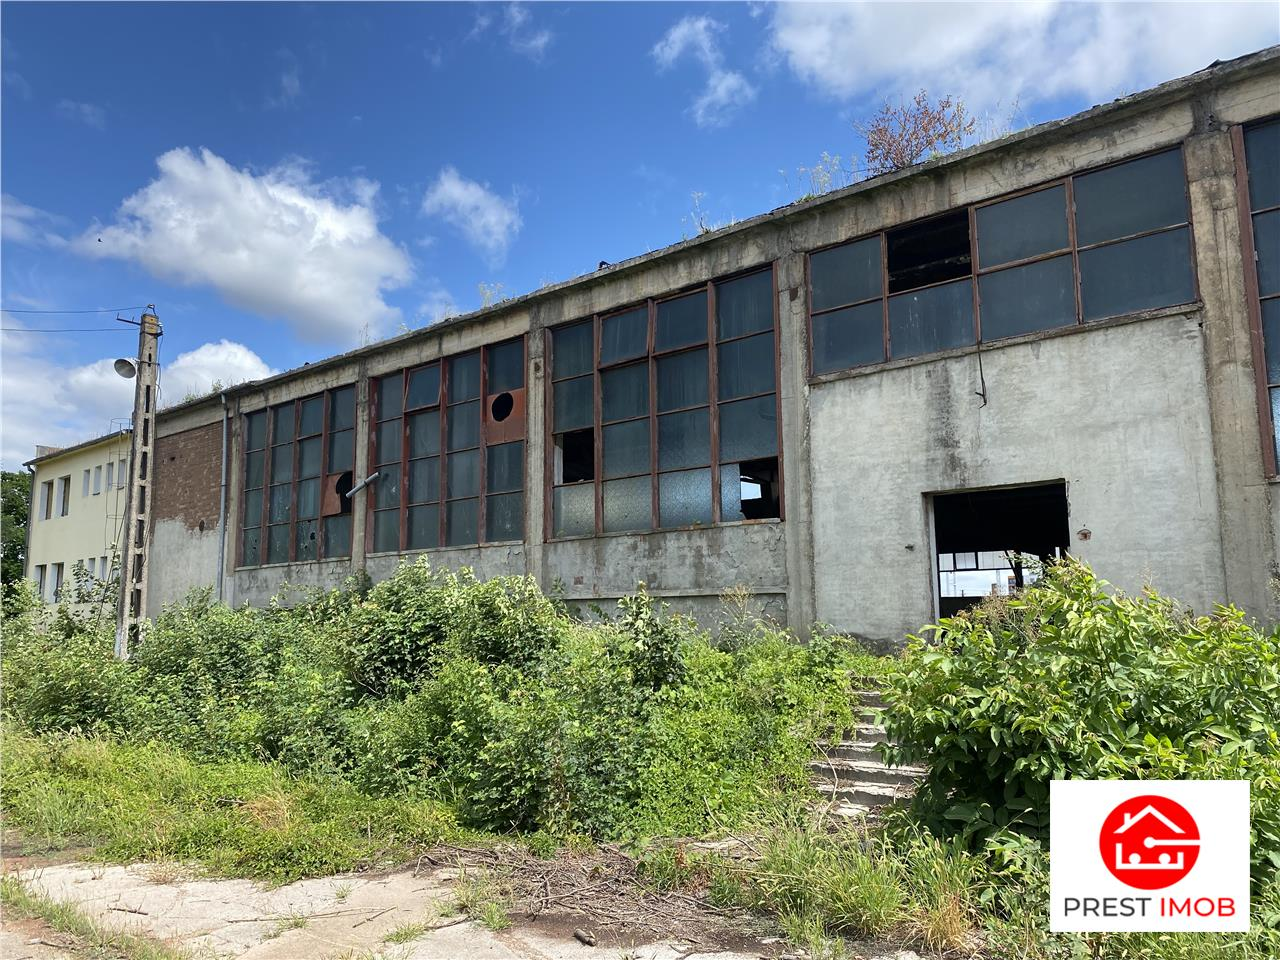 Spatiu industrial de vanzare sau inchiriere in Targu Mures!